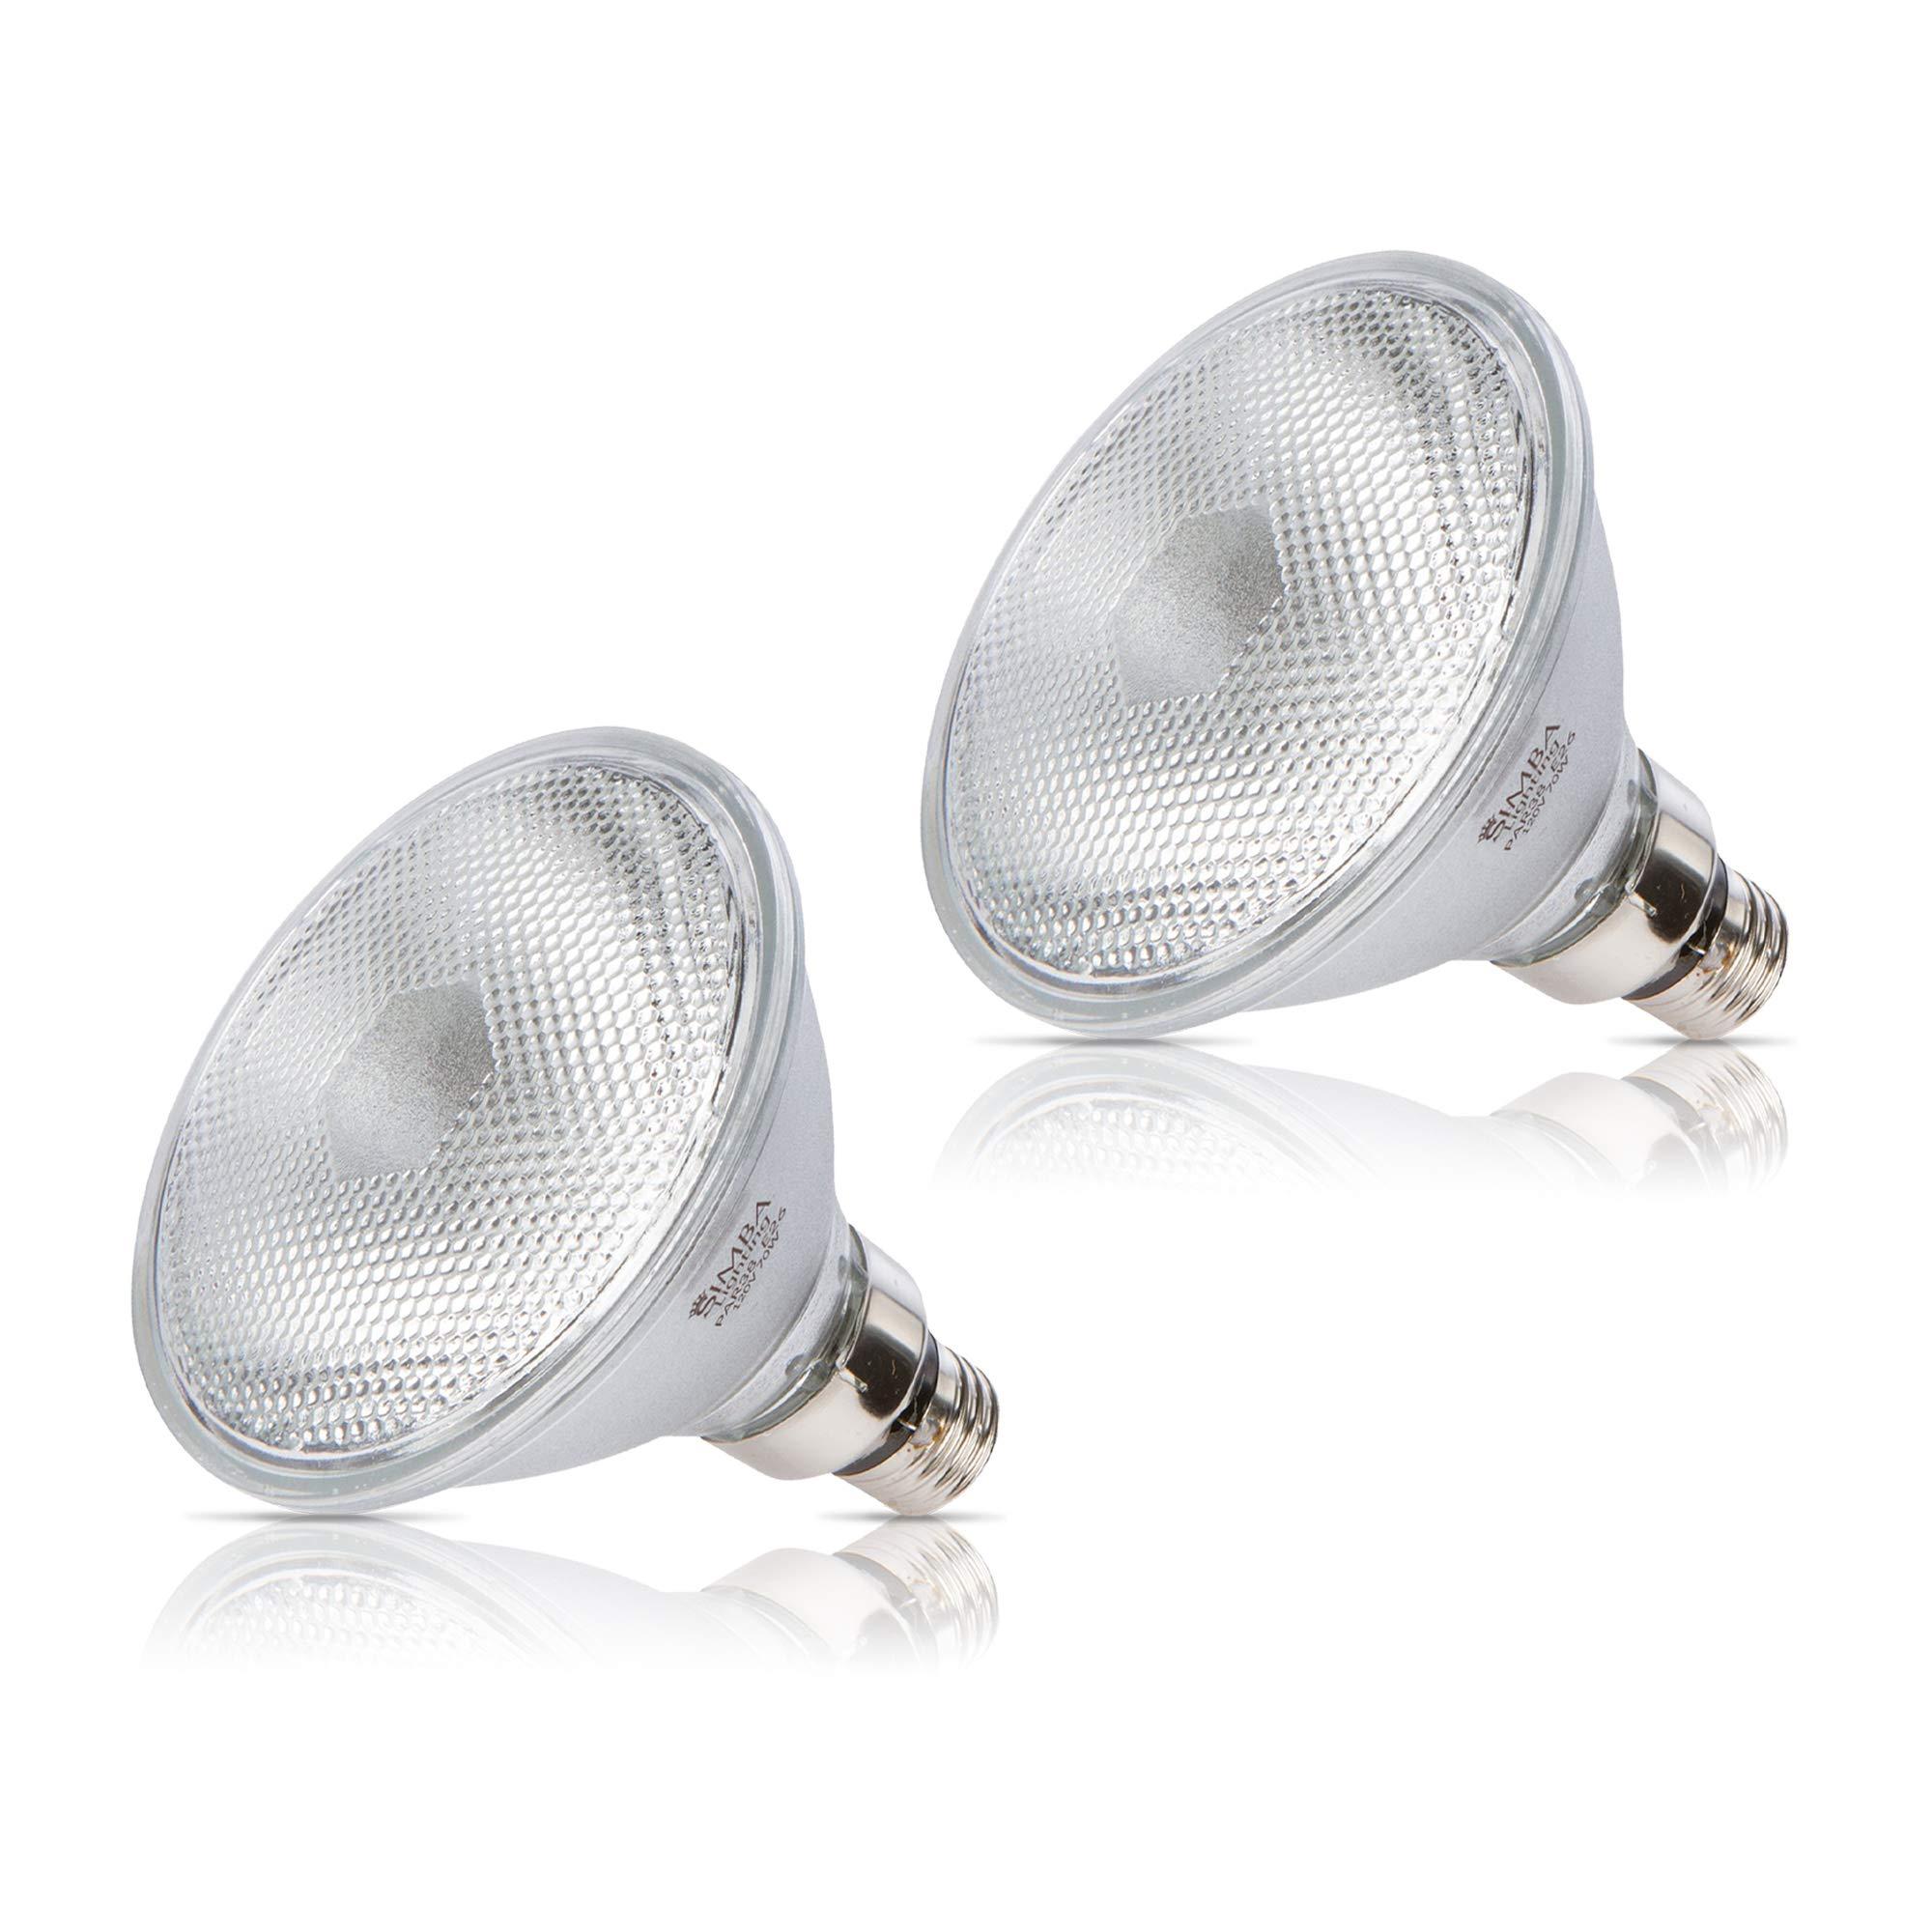 2 Pack] Simba iluminación ™ halógena 70 PAR38/FL 120 V 70 W E27 alta salida (90 W a 100 W de repuesto) luz de inundación bombillas suave blanco E26 tamaño mediano Base: Amazon.es: Bricolaje y herramientas